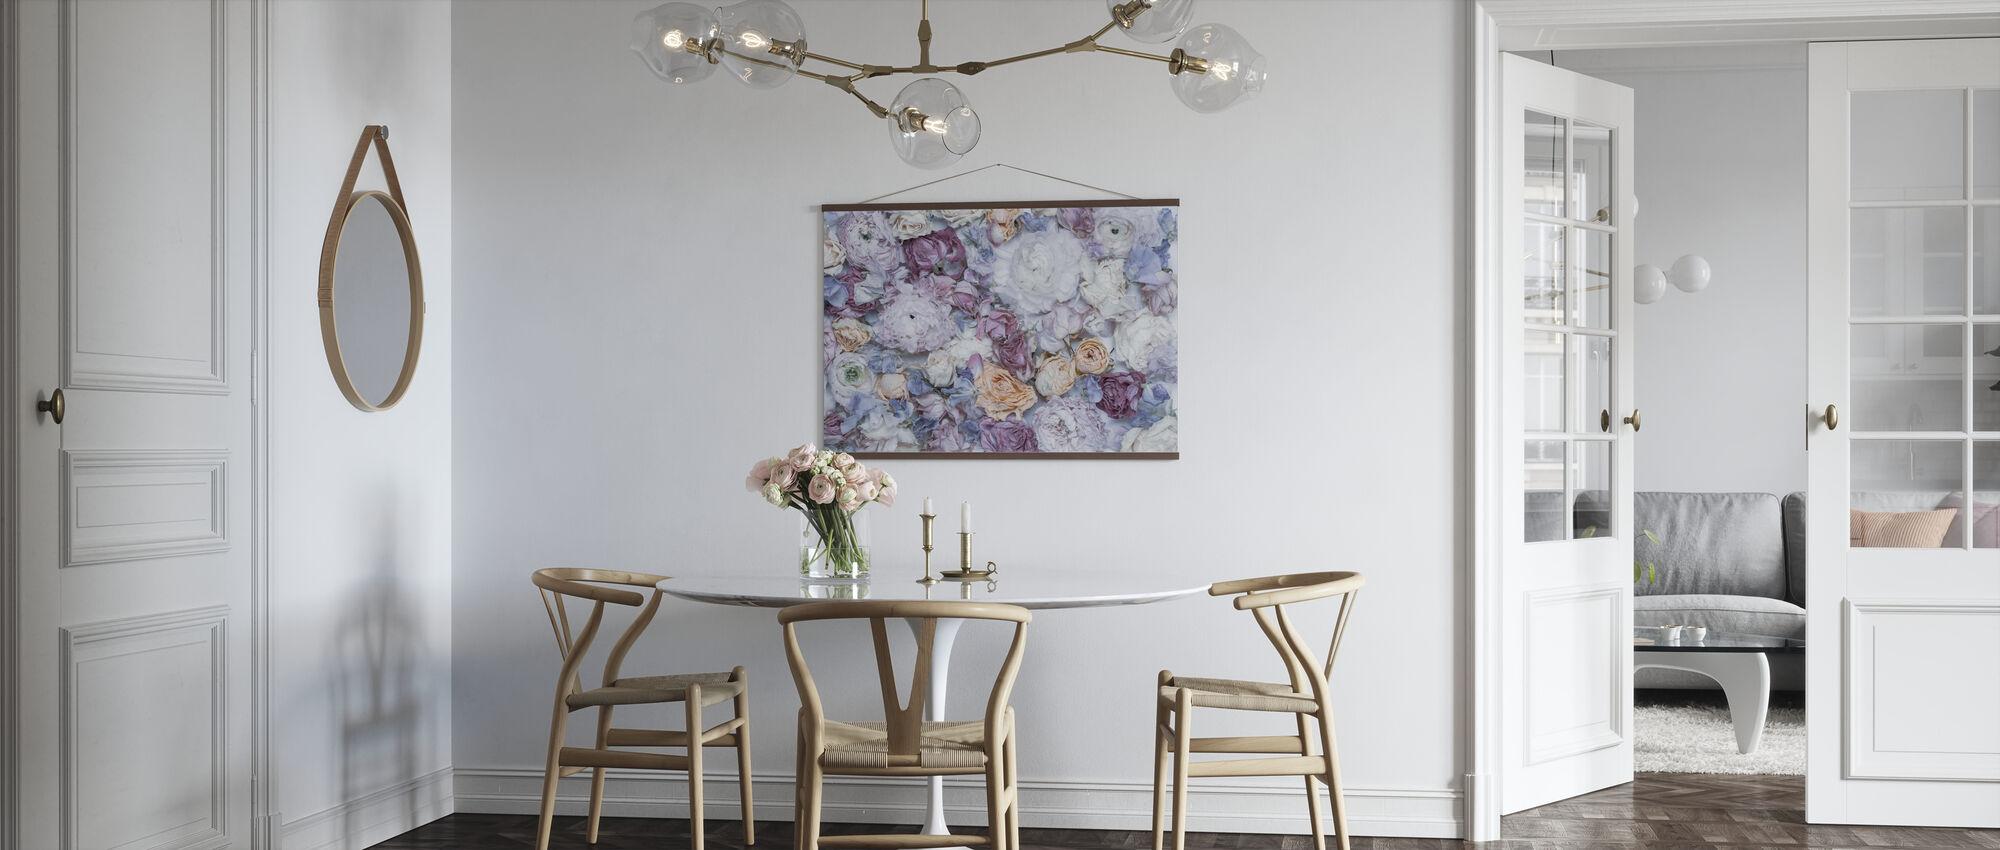 Trädgård rosor III - Poster - Kök